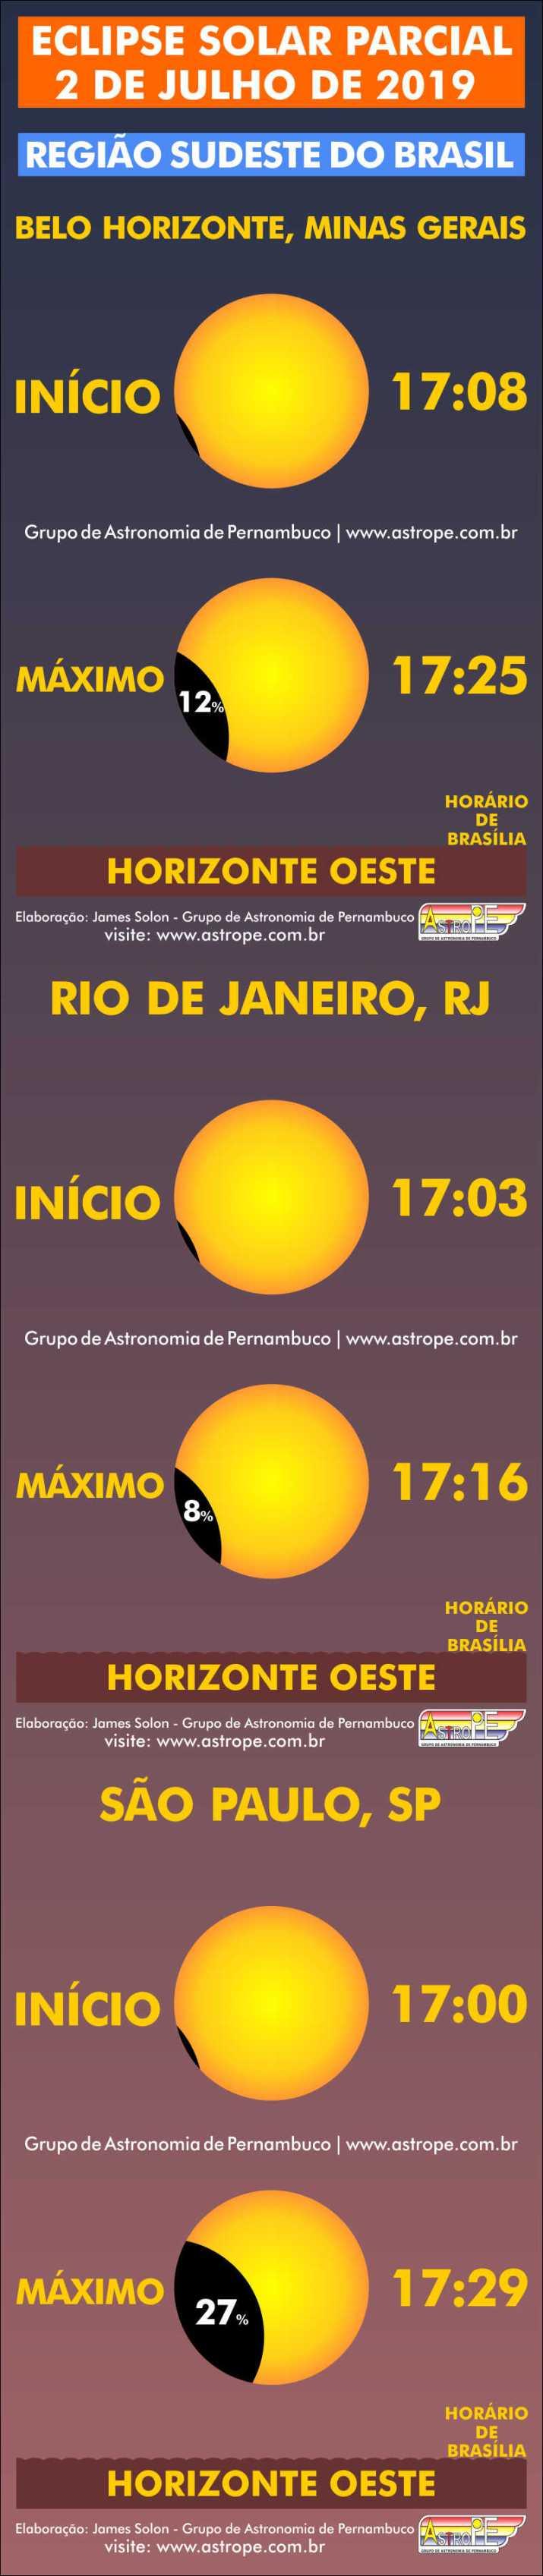 Horários do Eclipse Solar Parcial de 2 de julho de 2019 no Brasil na Região Sudeste. Crédito: AstroPE.